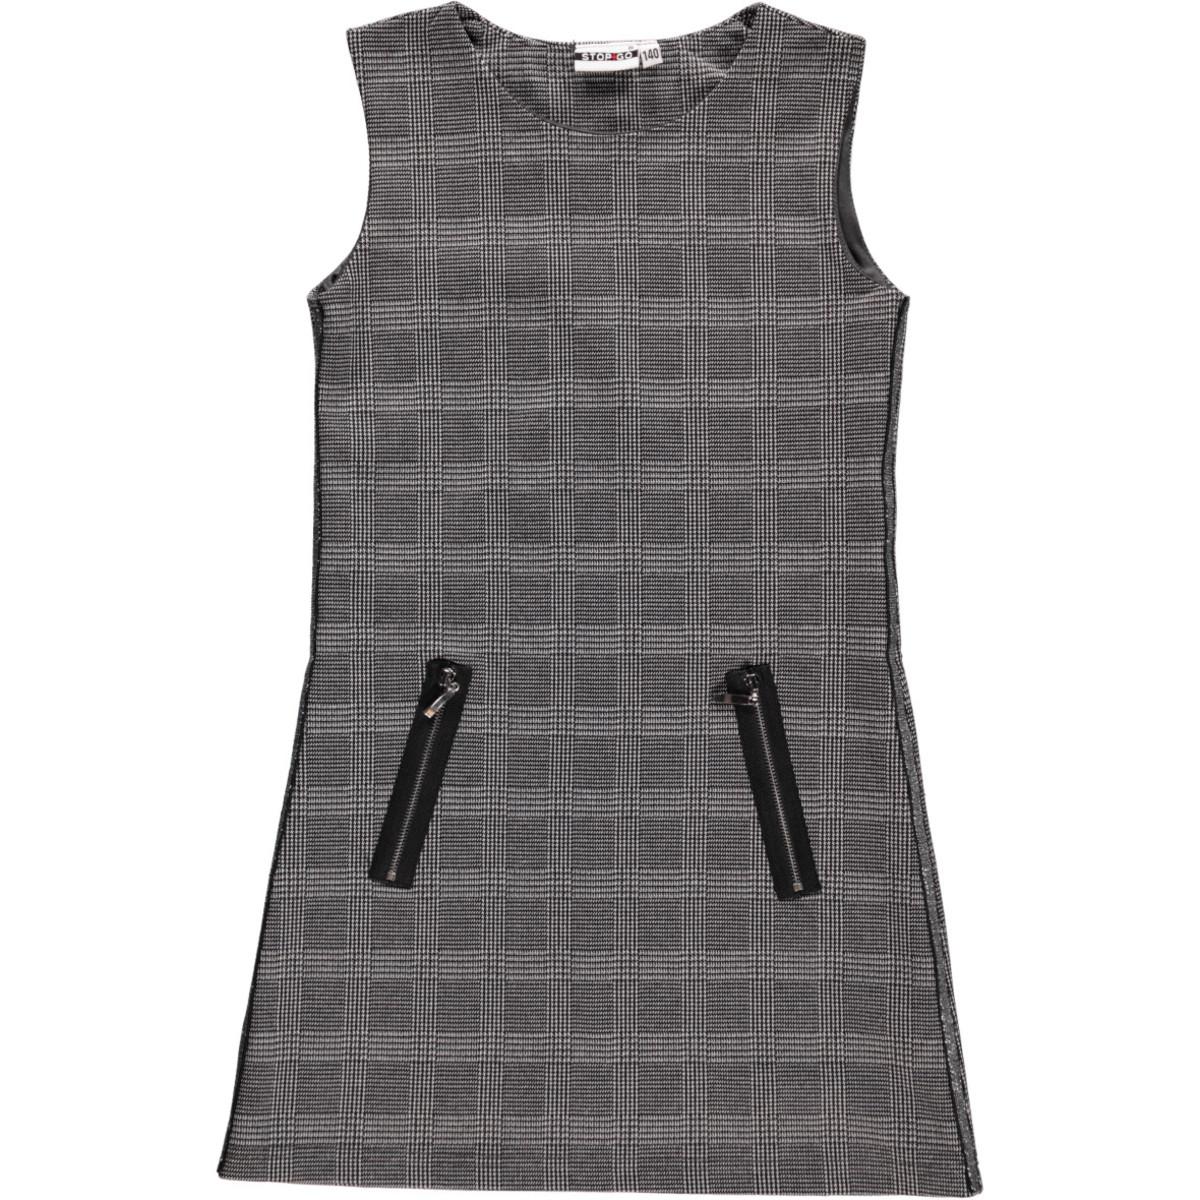 Bild 1 von Mädchen Kleid im Glenscheck Muster